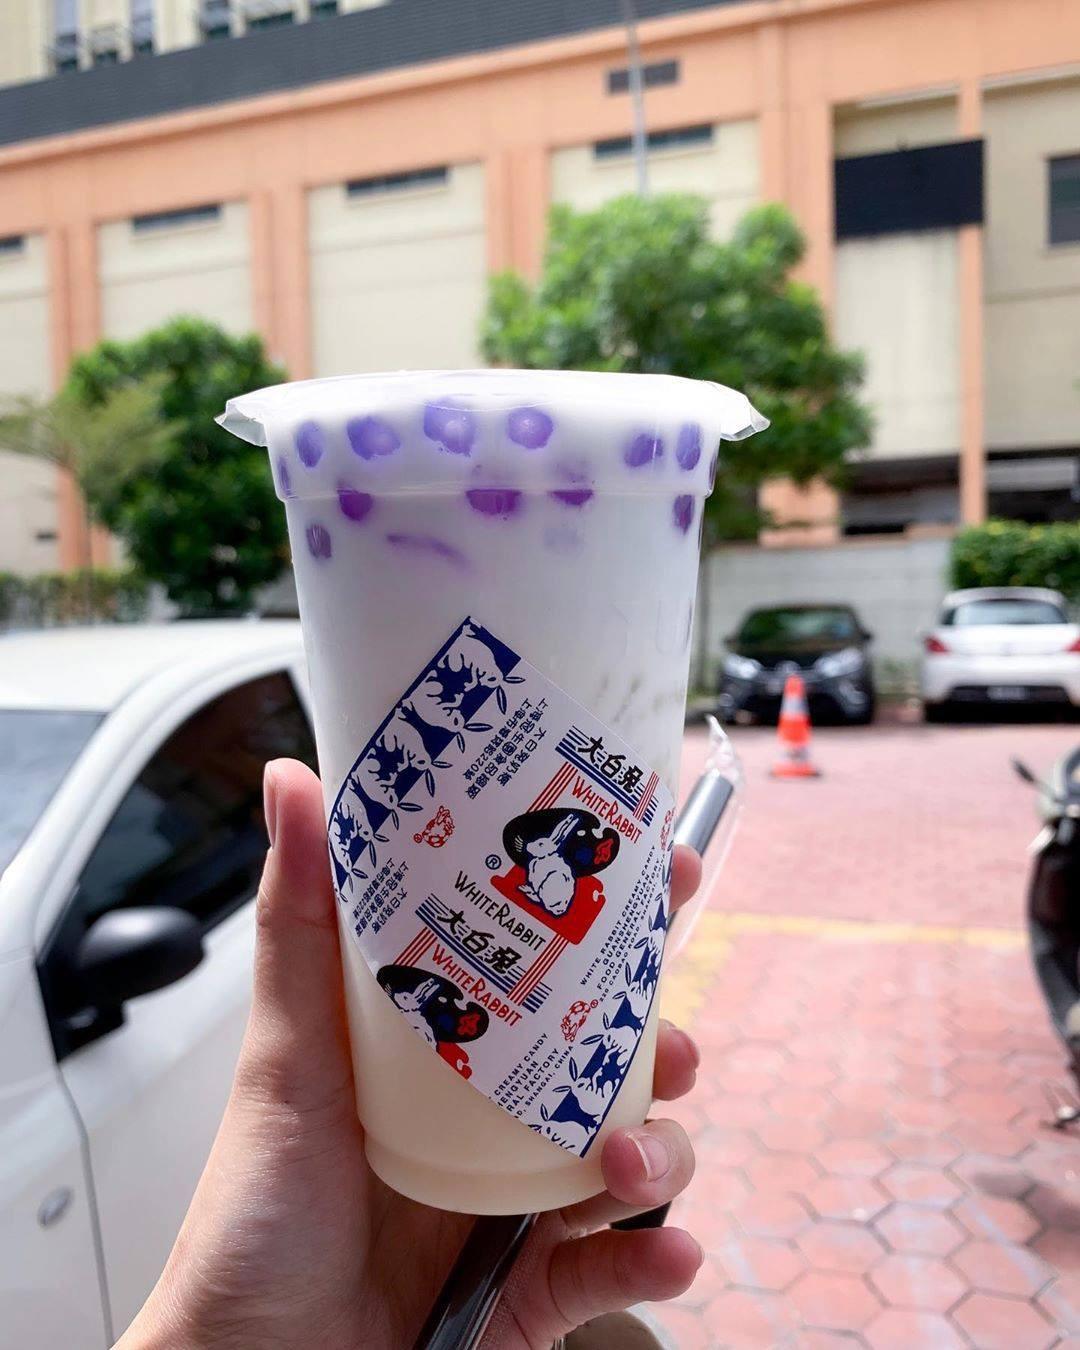 Giới trẻ Trung Quốc đổ xô đi mua trà sữa có giá siêu đắt 1,7 triệu/cốc, lý do đằng sau khiến nhiều người nể phục - Ảnh 11.